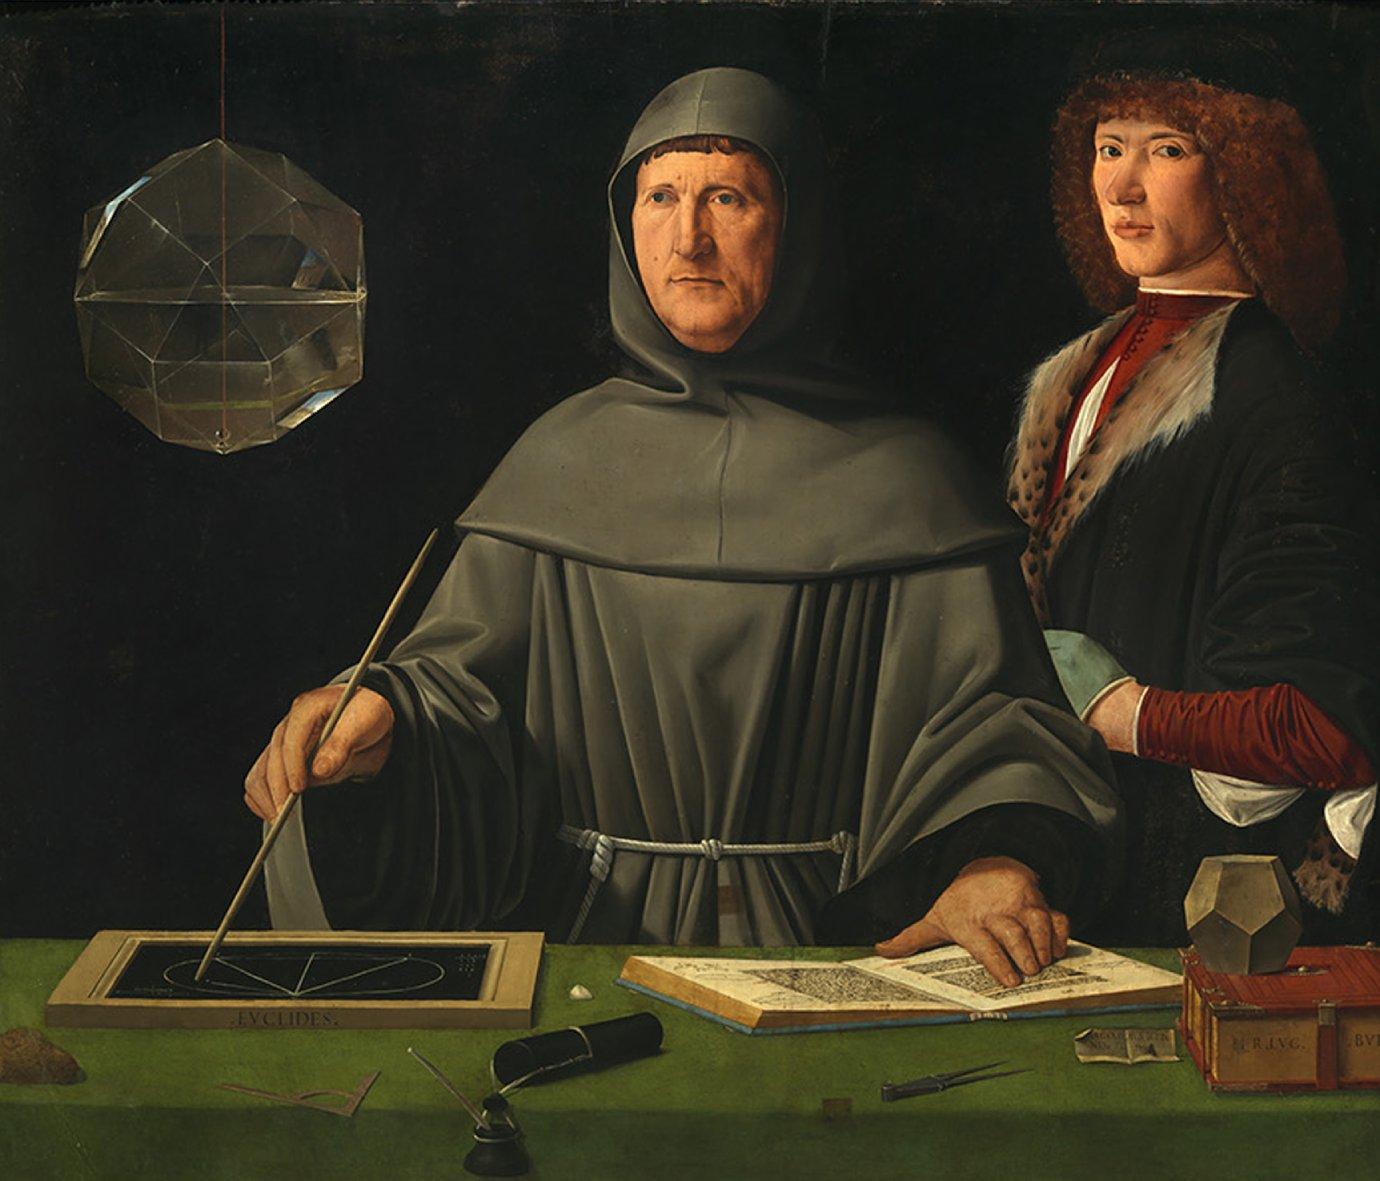 Il mito di Urbino e della sua corte. La leggendaria figura di Baldassarre Castiglione a tu per tu con Raffaello